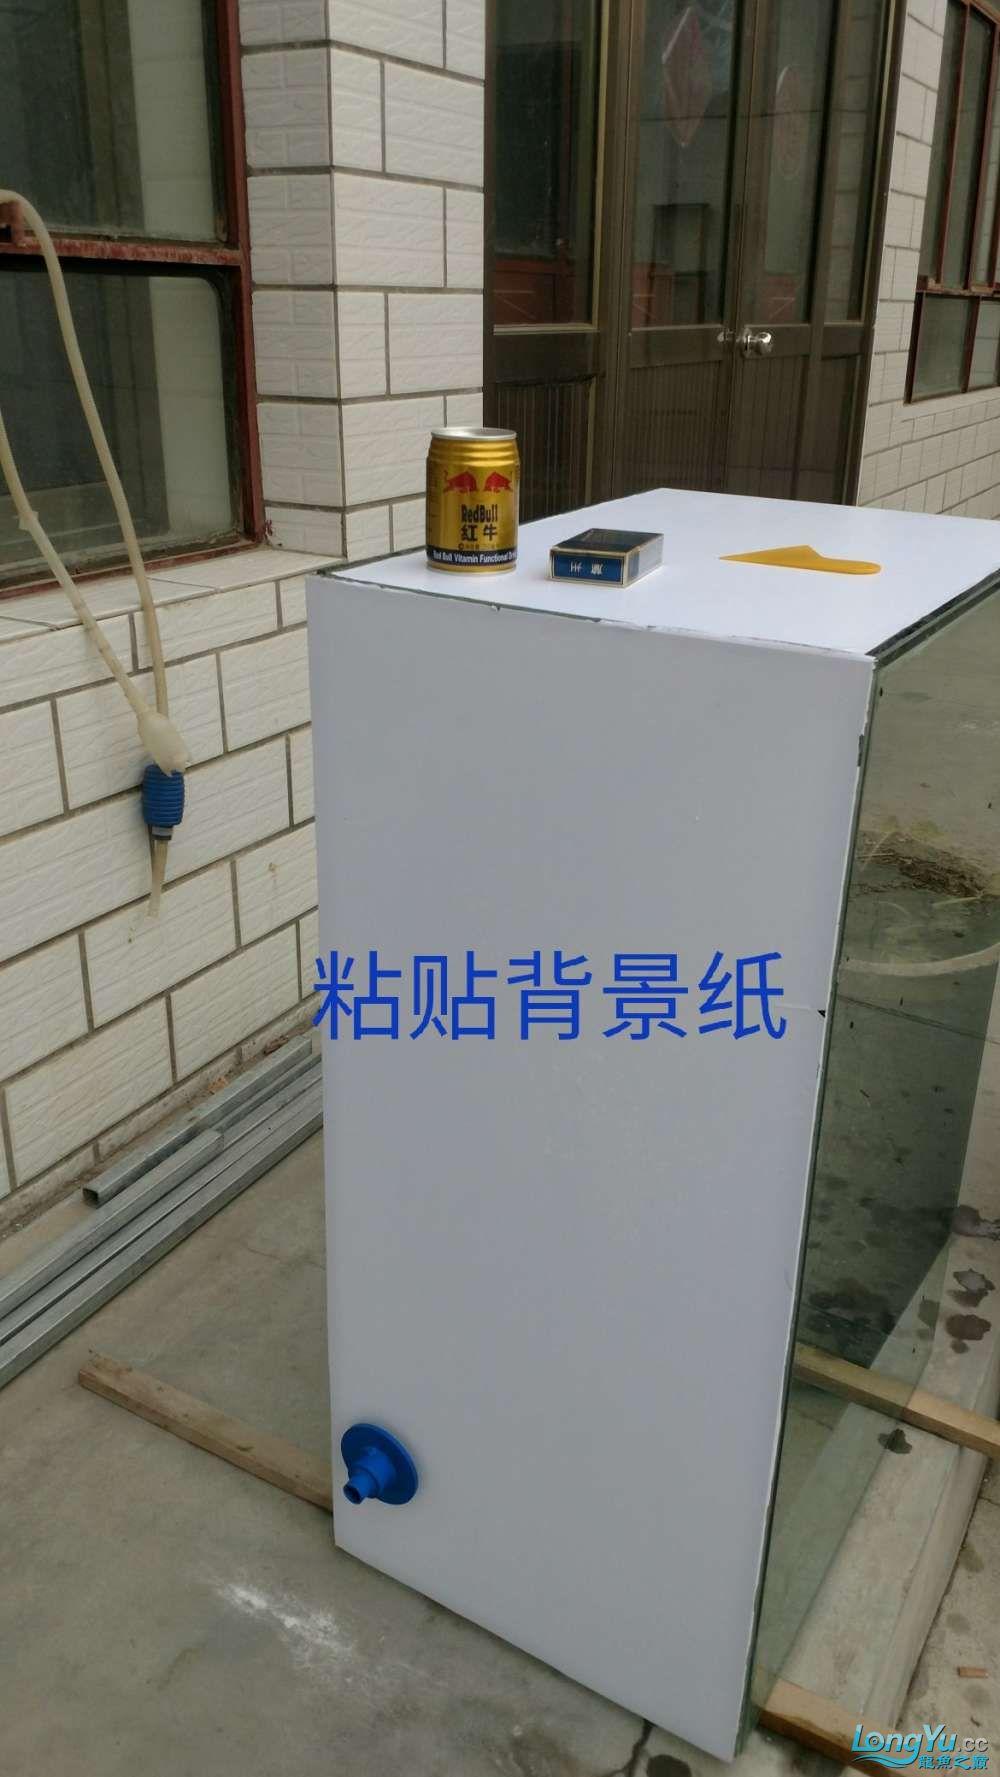 十川滤材试用报告 西安龙鱼论坛 西安博特第2张